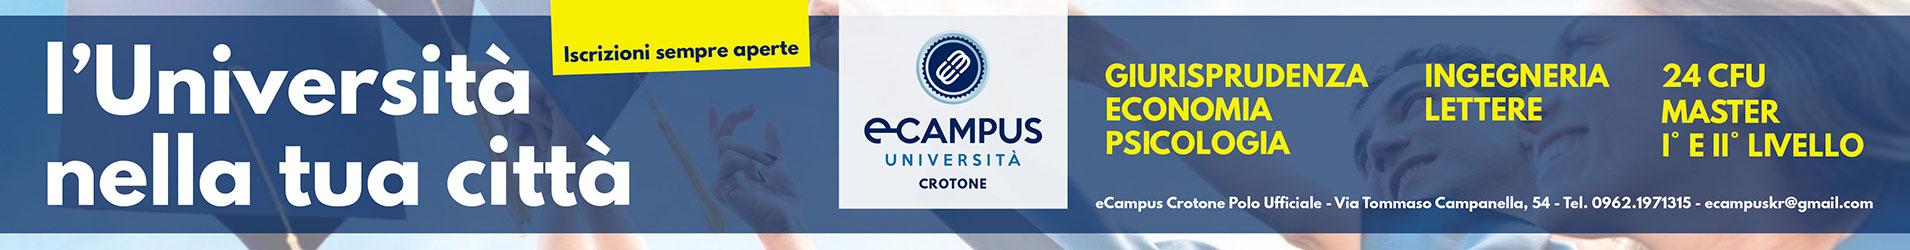 E-CAMPUS INTERNA ARTICOLI